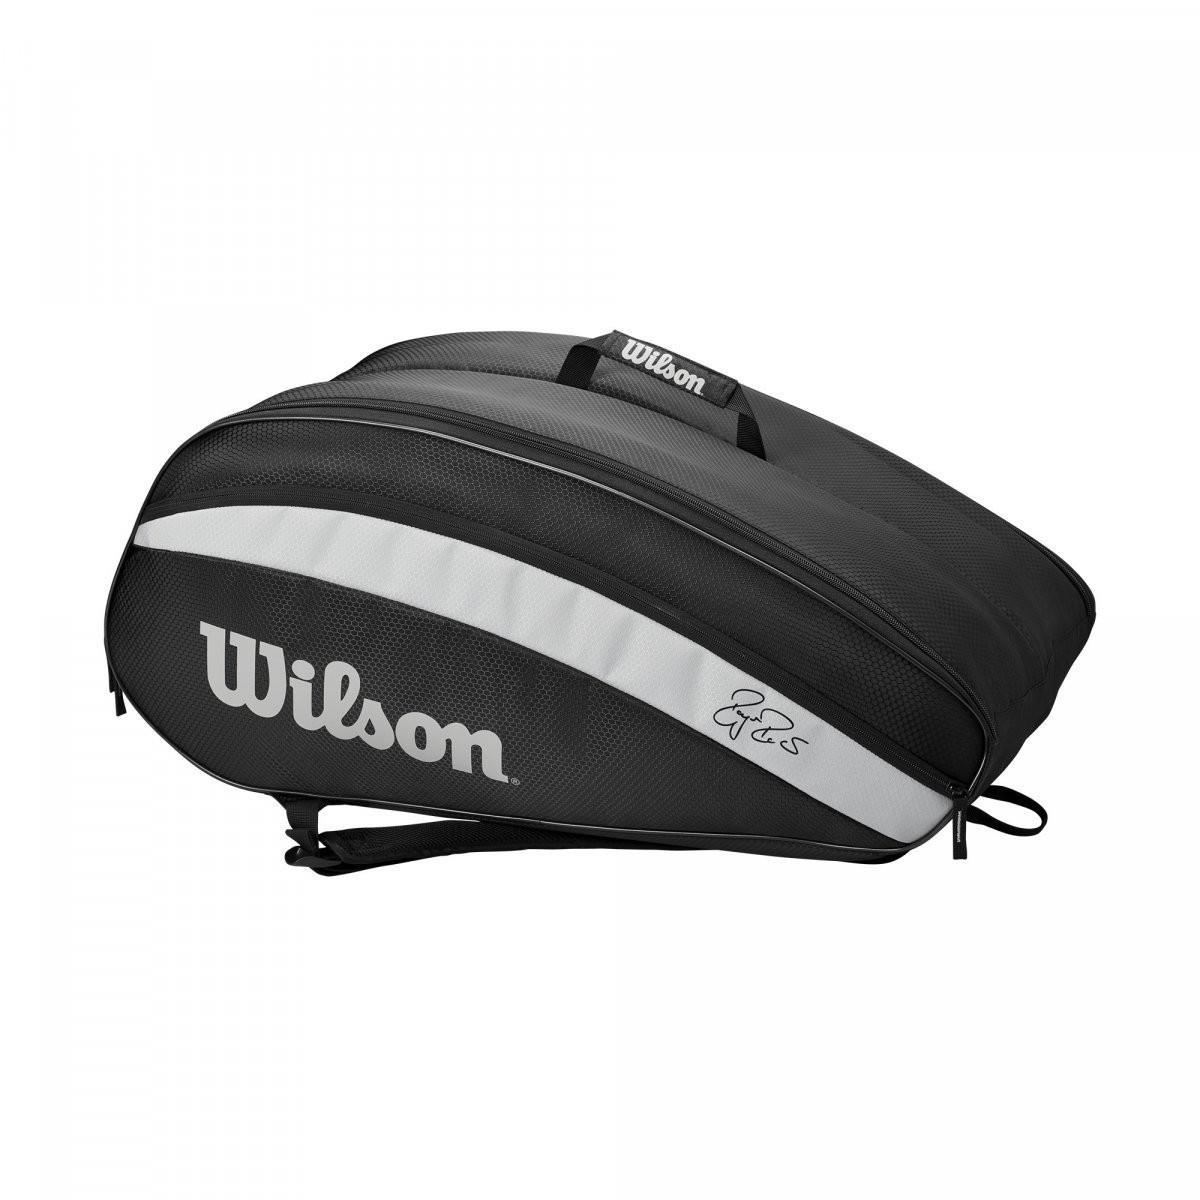 Теннисная сумка Wilson Fed Team 12 Pk Bag black/grey